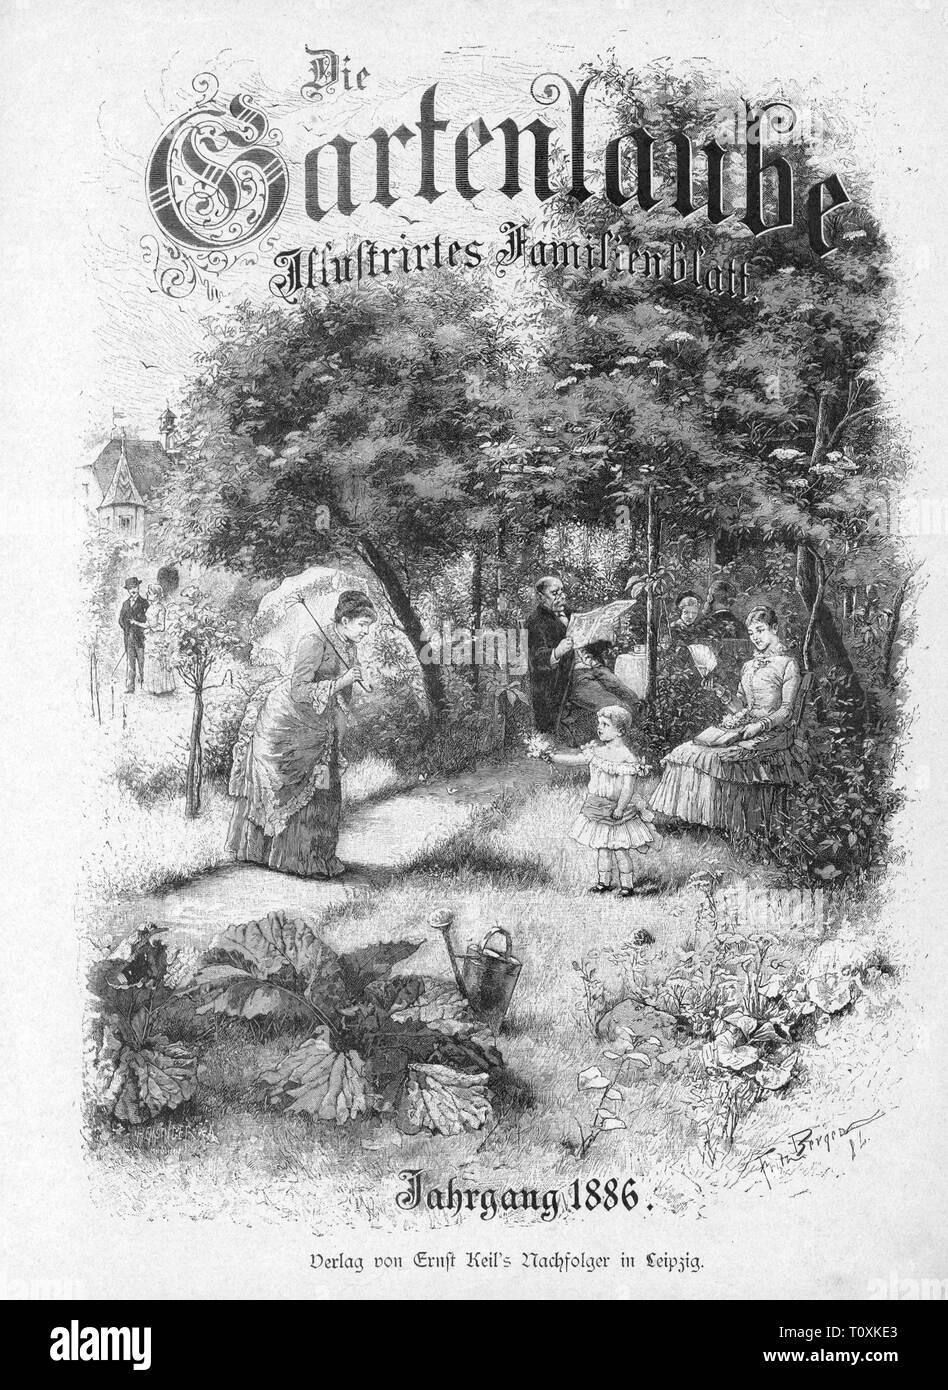 """Presse/médias, magazines, """"Dada"""", front page, éditeur: Raoul Hausmann (1886 - 1971), numéro 2, Berlin, 1919 / 1920, l'artiste n'a pas d'auteur pour être effacé Photo Stock"""